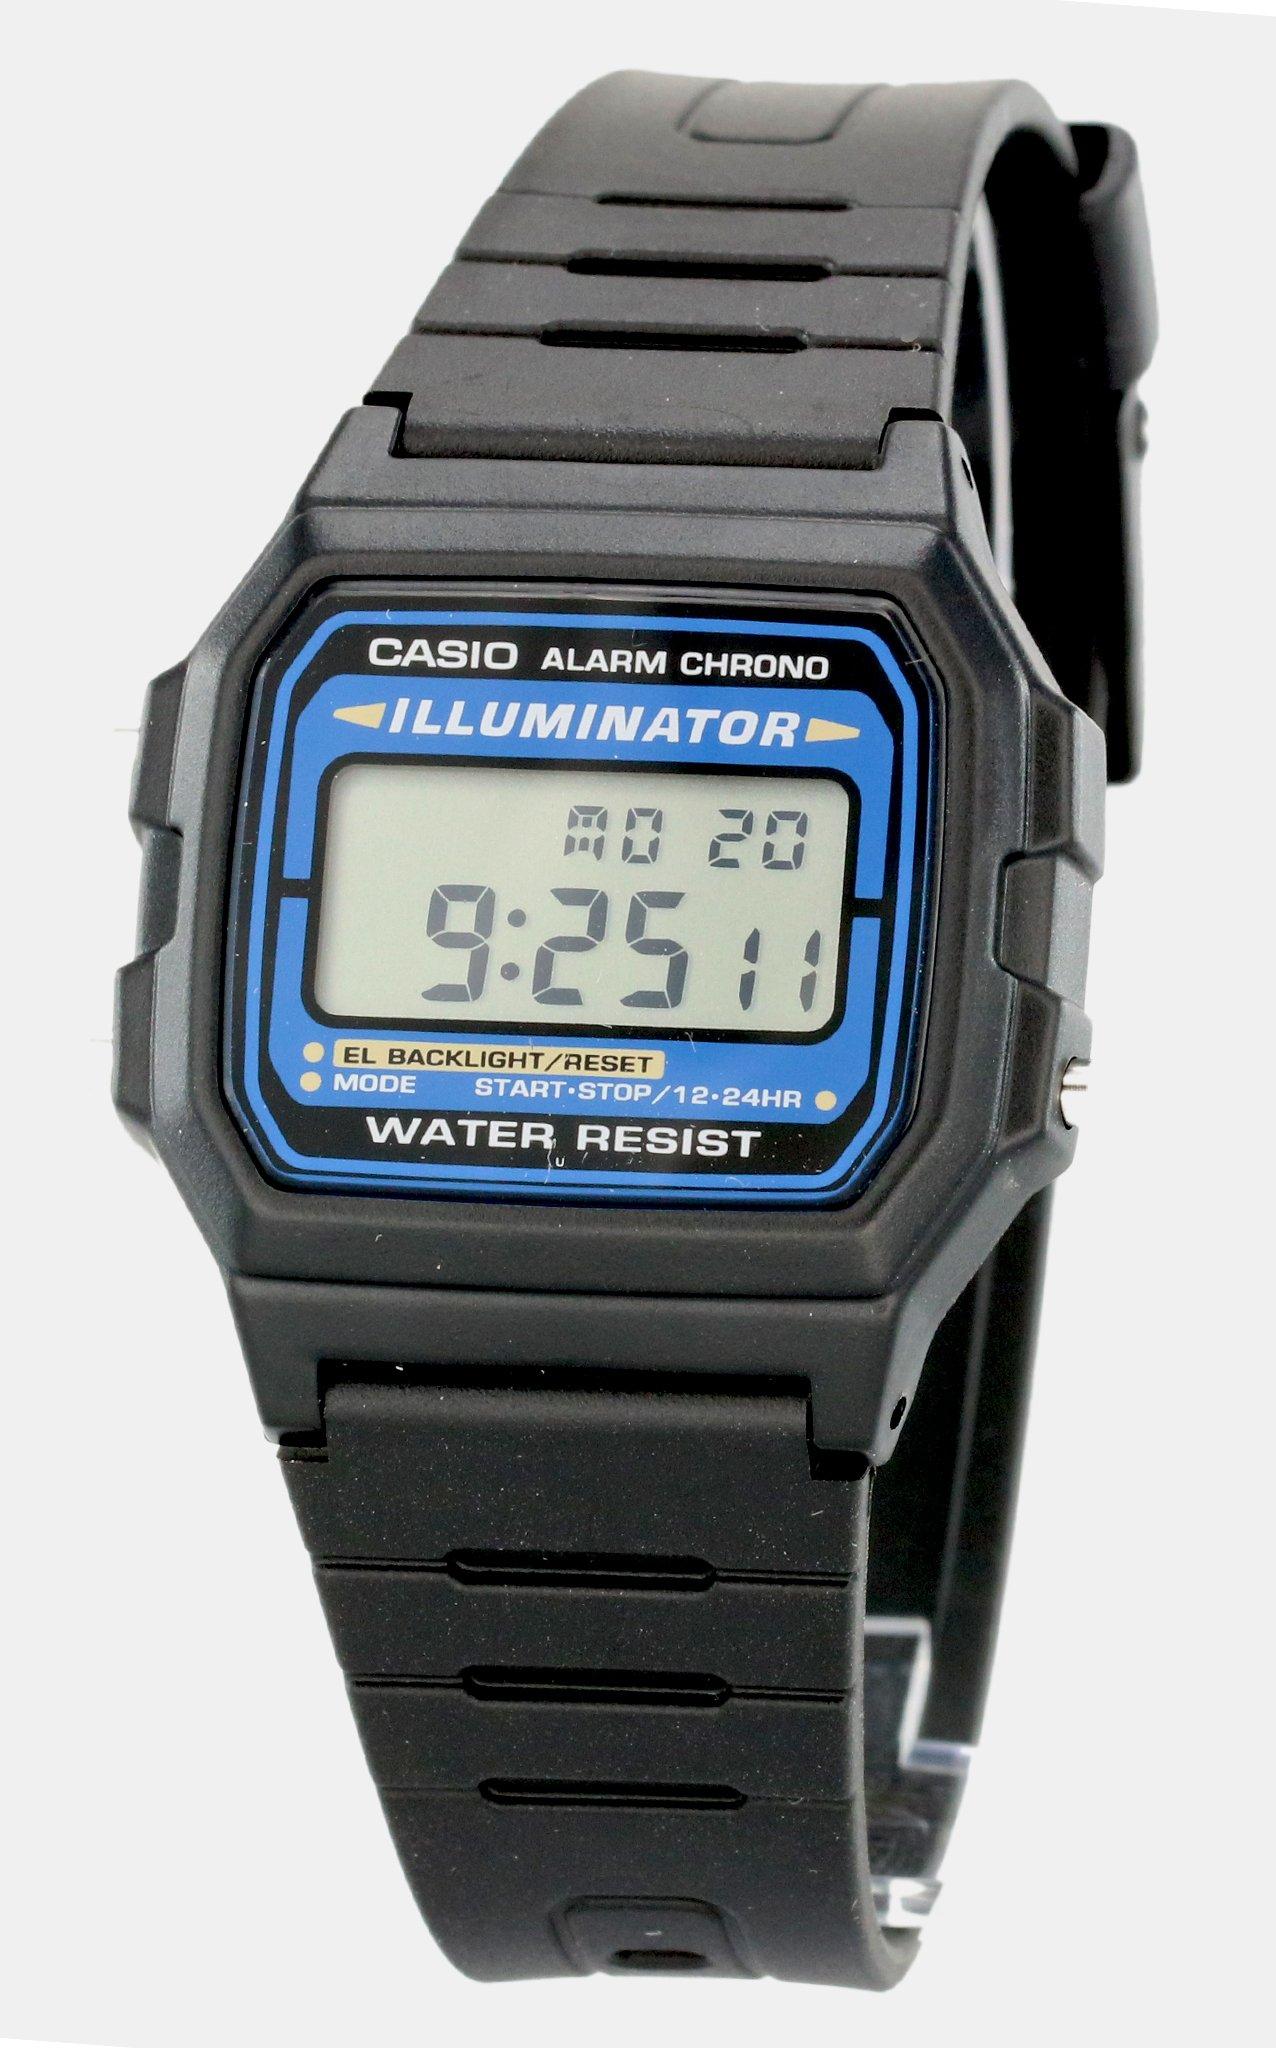 Casio F105W-1A Casio Illuminator Watch by Casio